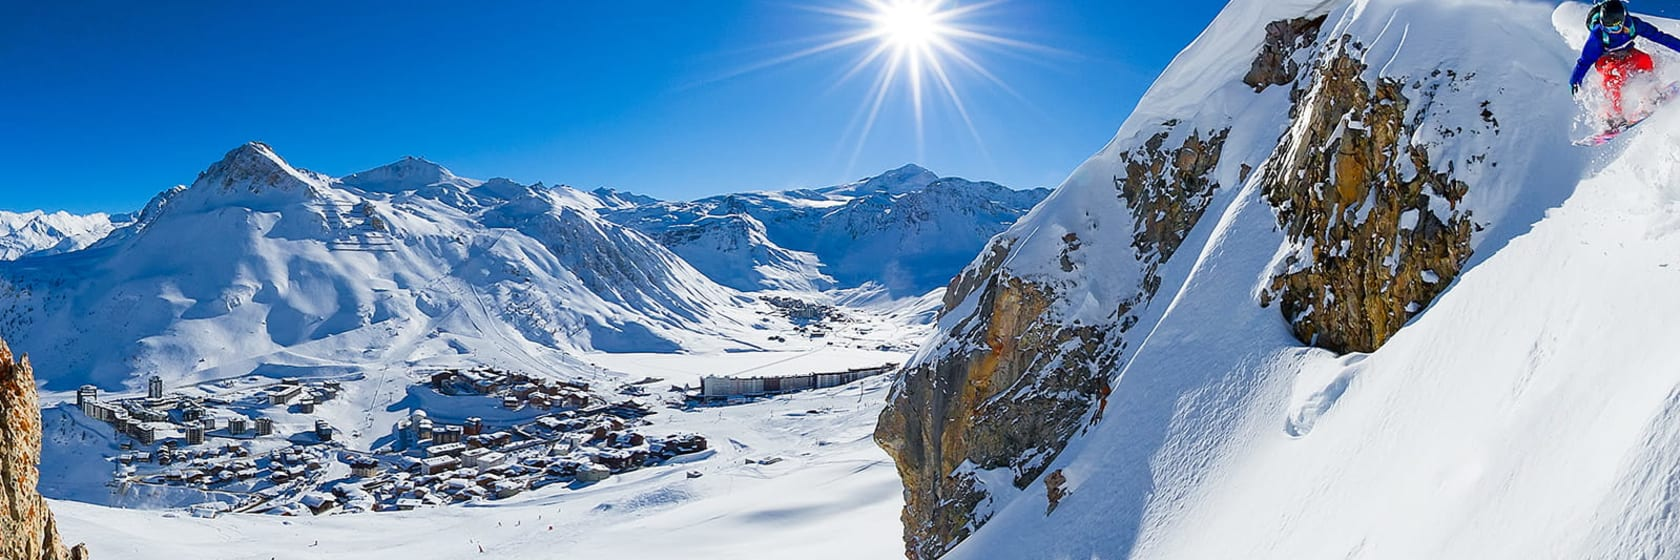 Snefyldte bjerge med blå himmel og solskin på skiferie til Frankrig